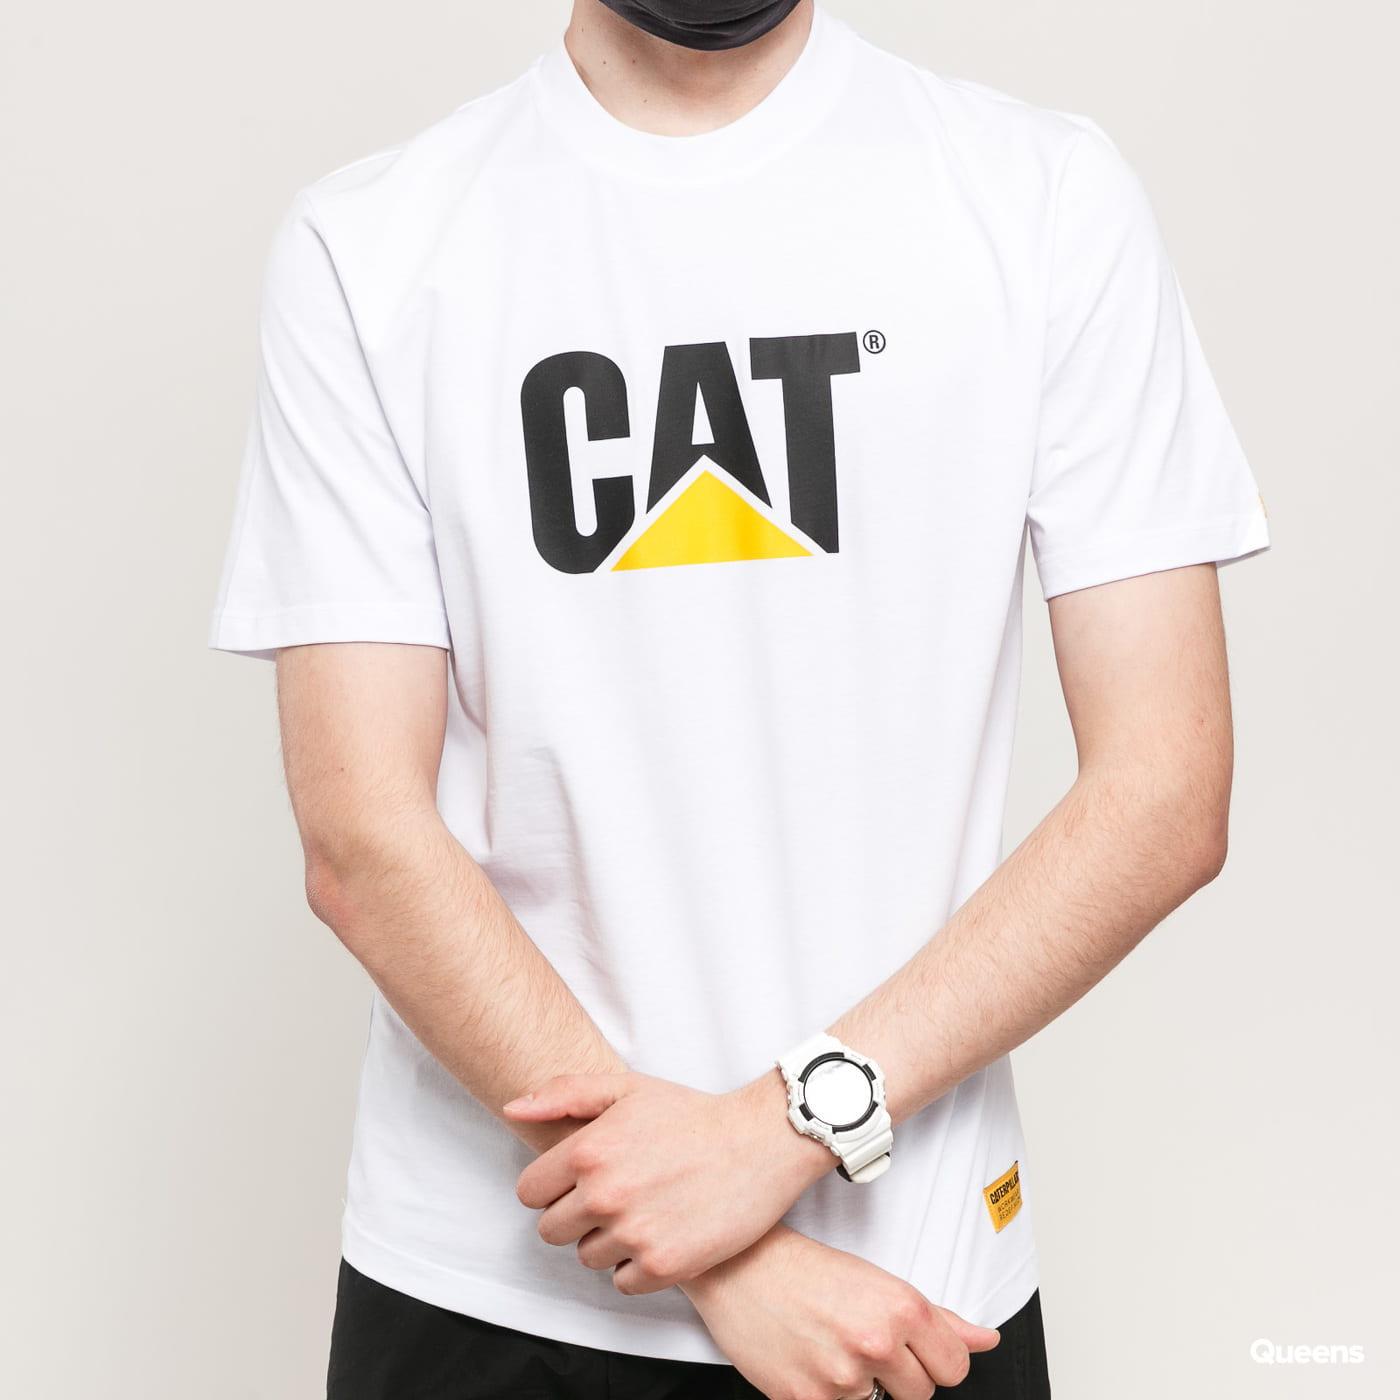 CATERPILLAR Classic CAT Tee white / yellow